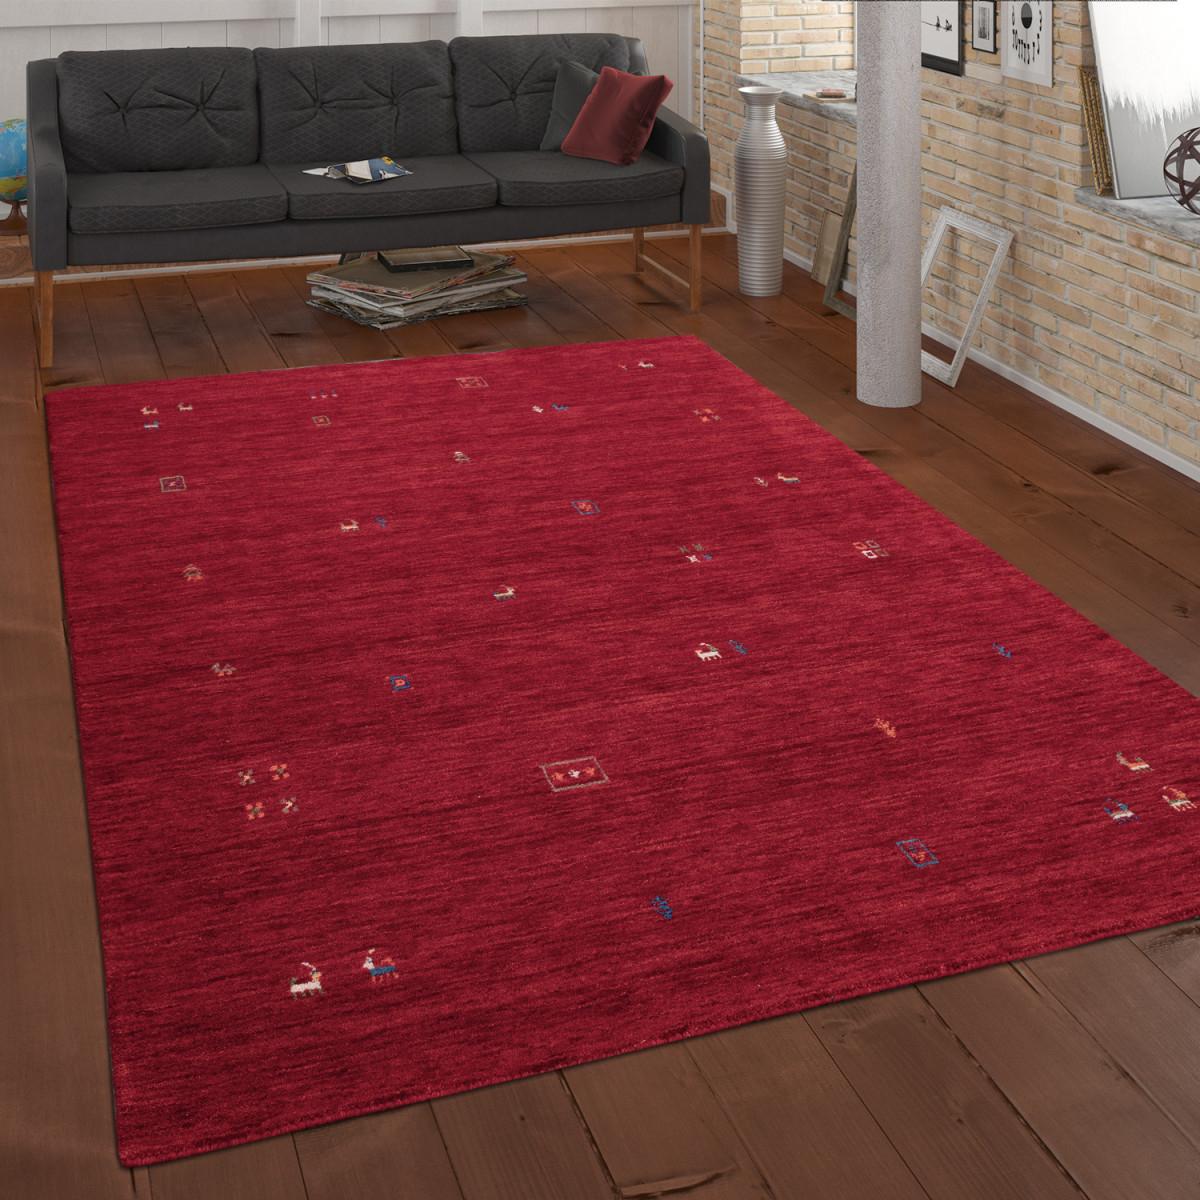 Ethno Teppich Wohnzimmer Wolle Handgewebt Gabbeh von Teppich Wohnzimmer Wolle Photo